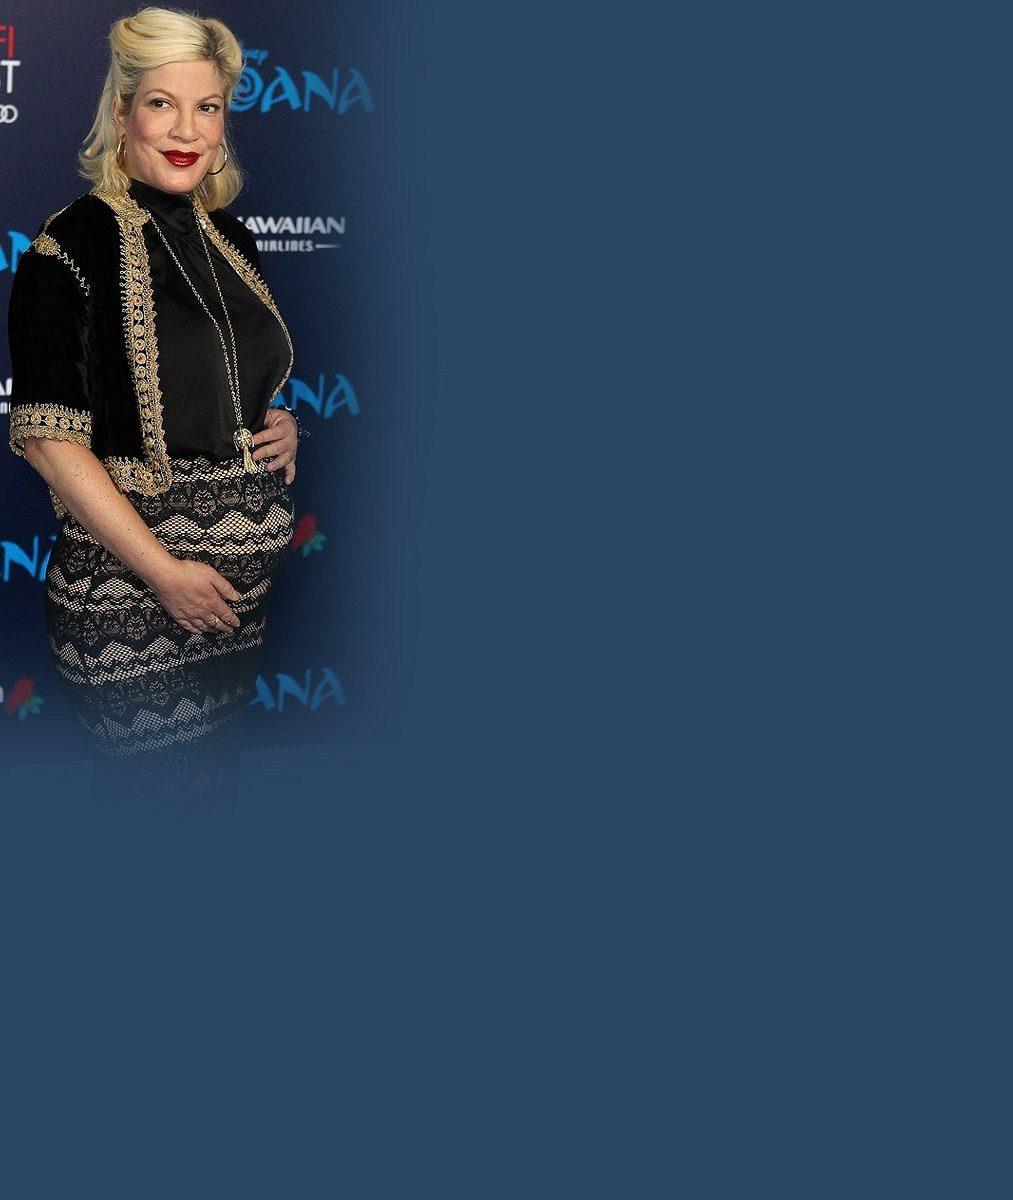 Těhotná Tori Spelling vyrazila s početnou rodinou do kina: Brzy už bude pětinásobnou maminkou